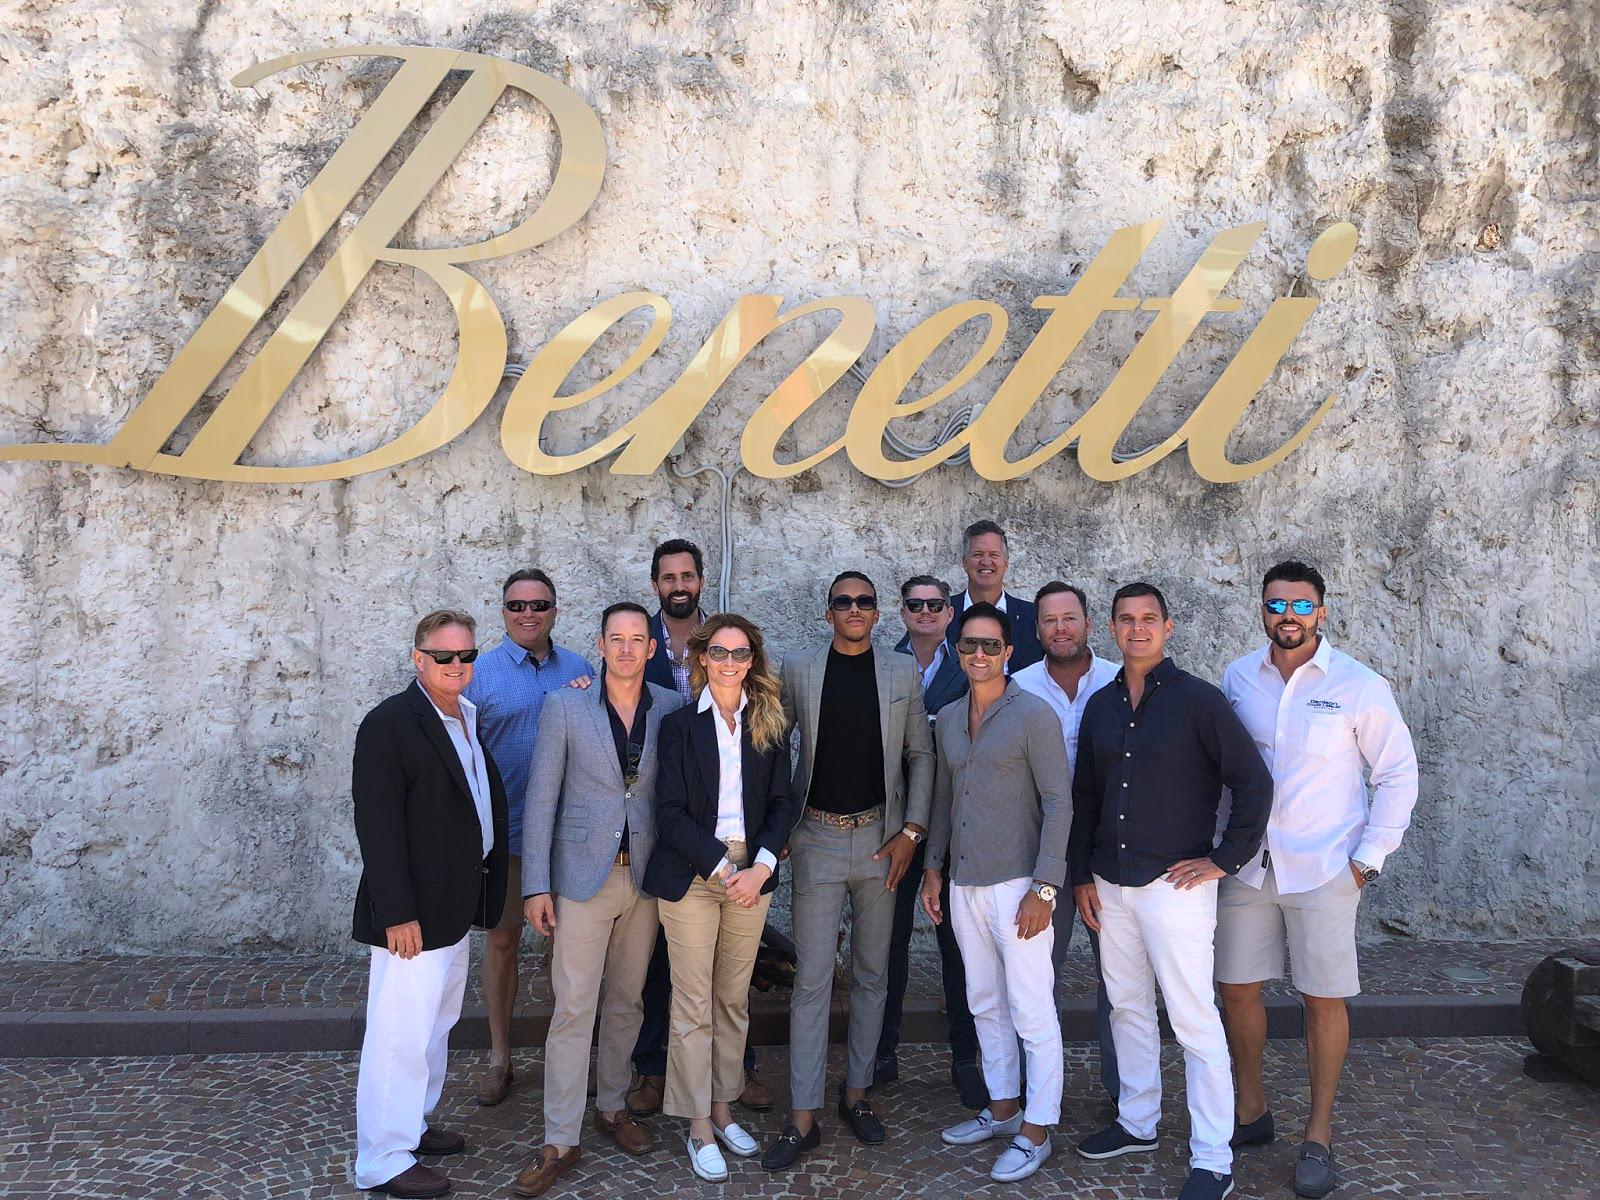 Italian Shipyard Tour Recap [Viareggio + La Spezia]